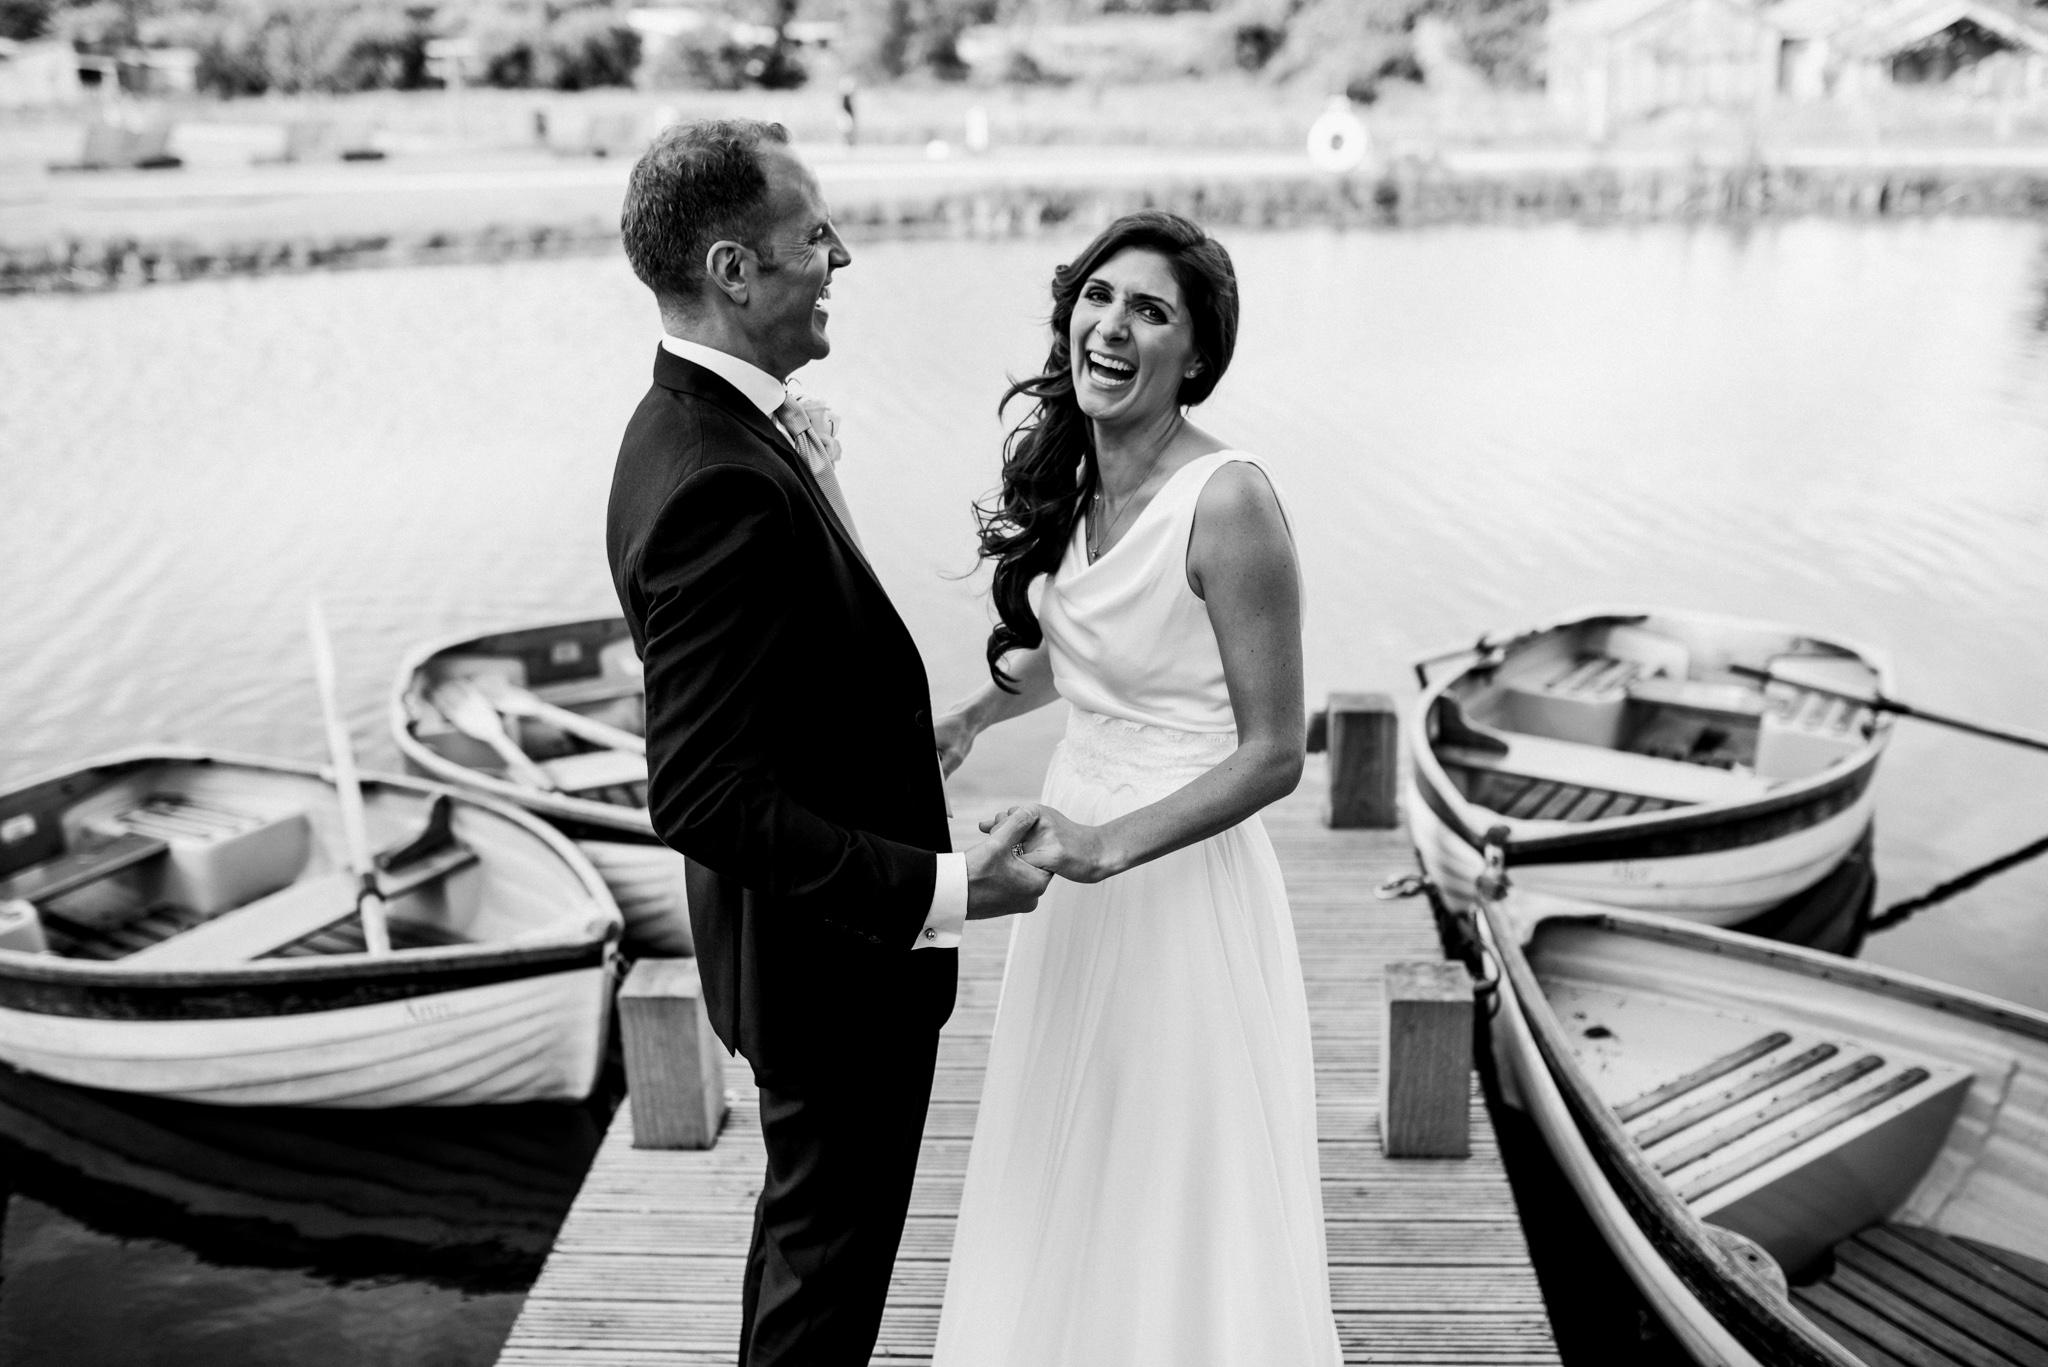 Soho farmhouse newlyweds on dock